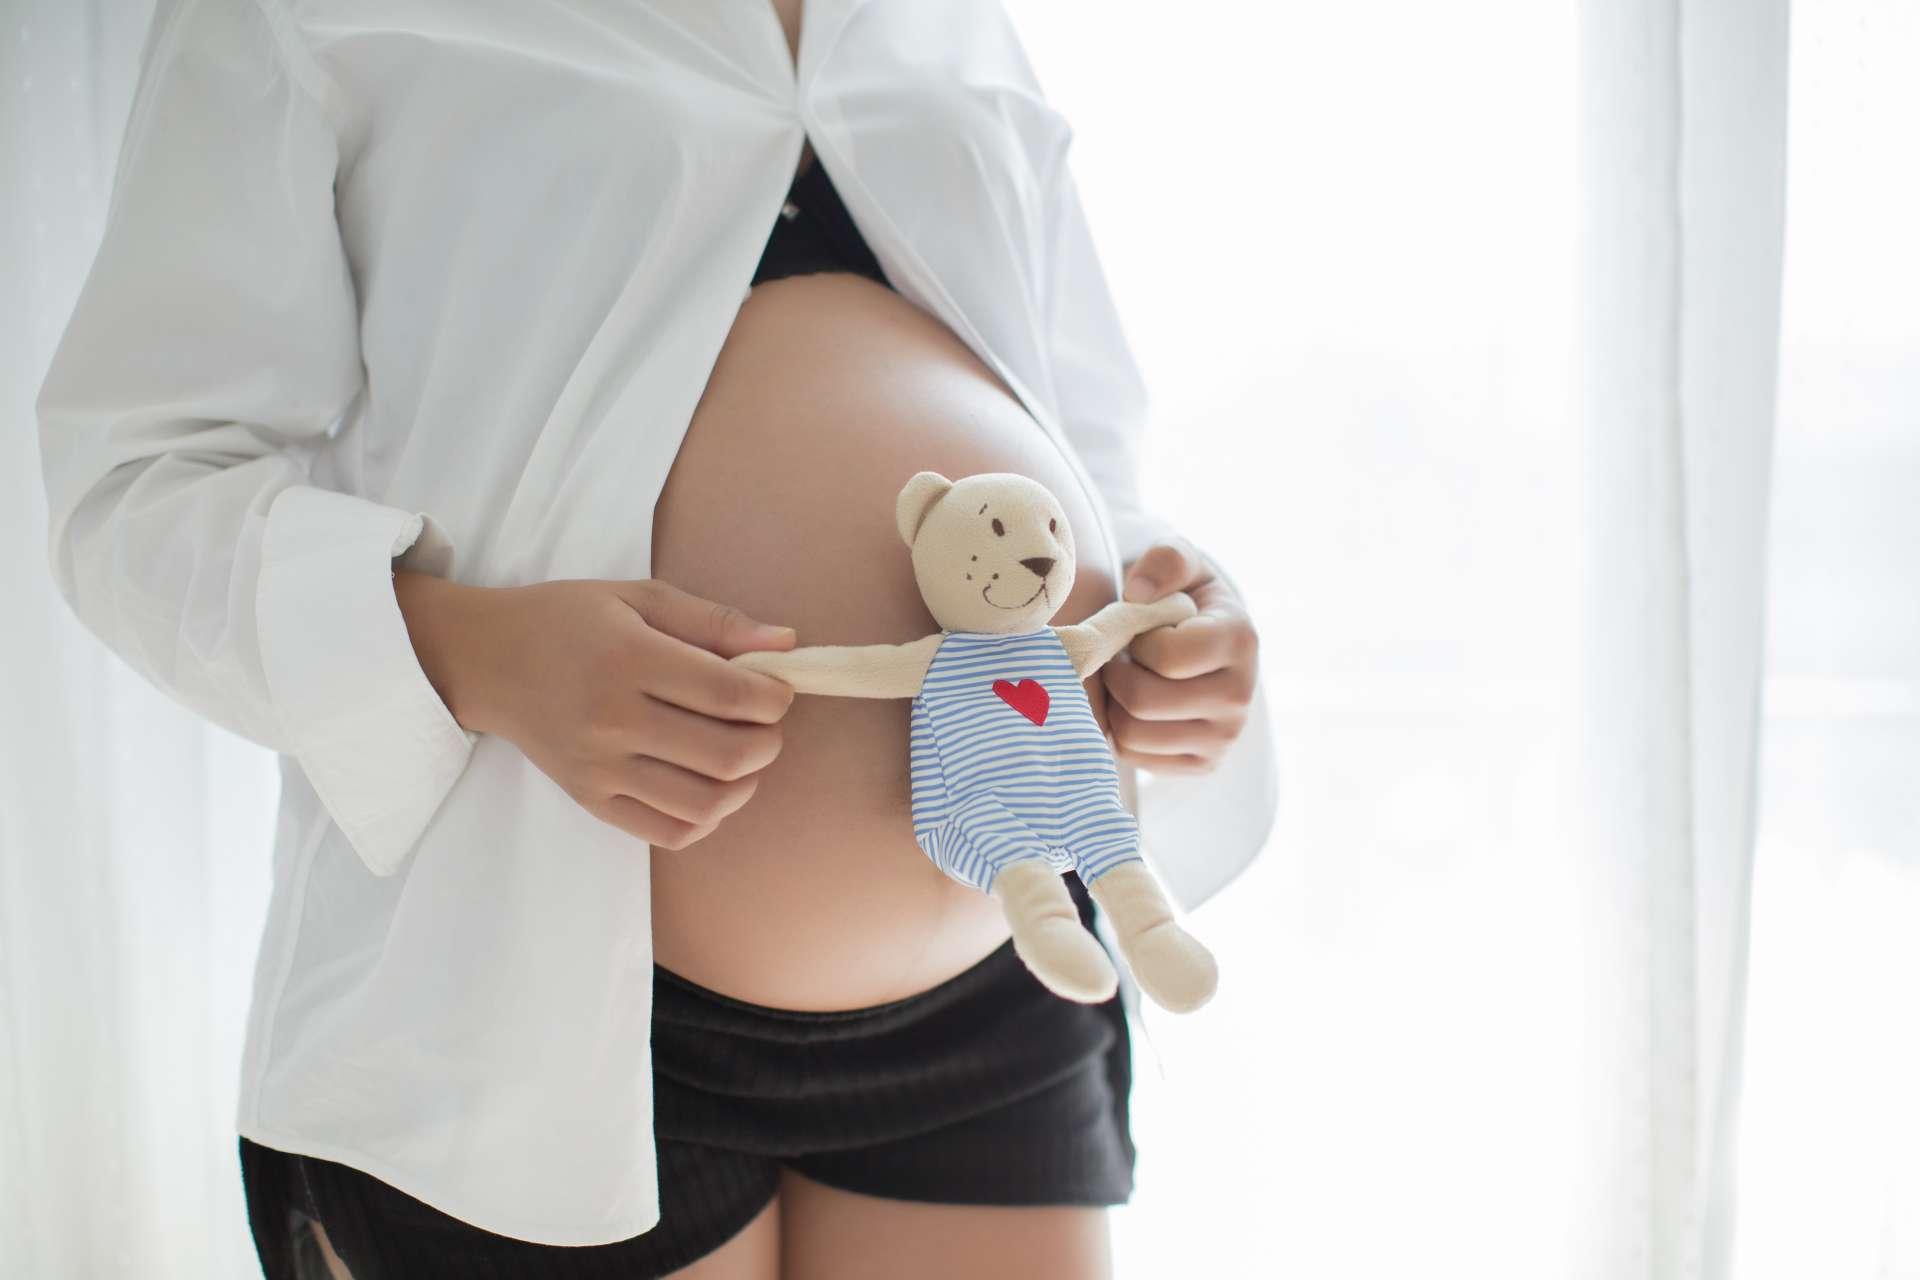 Maternidades adotaram novos protocolos e fluxo (Foto: Freepik)